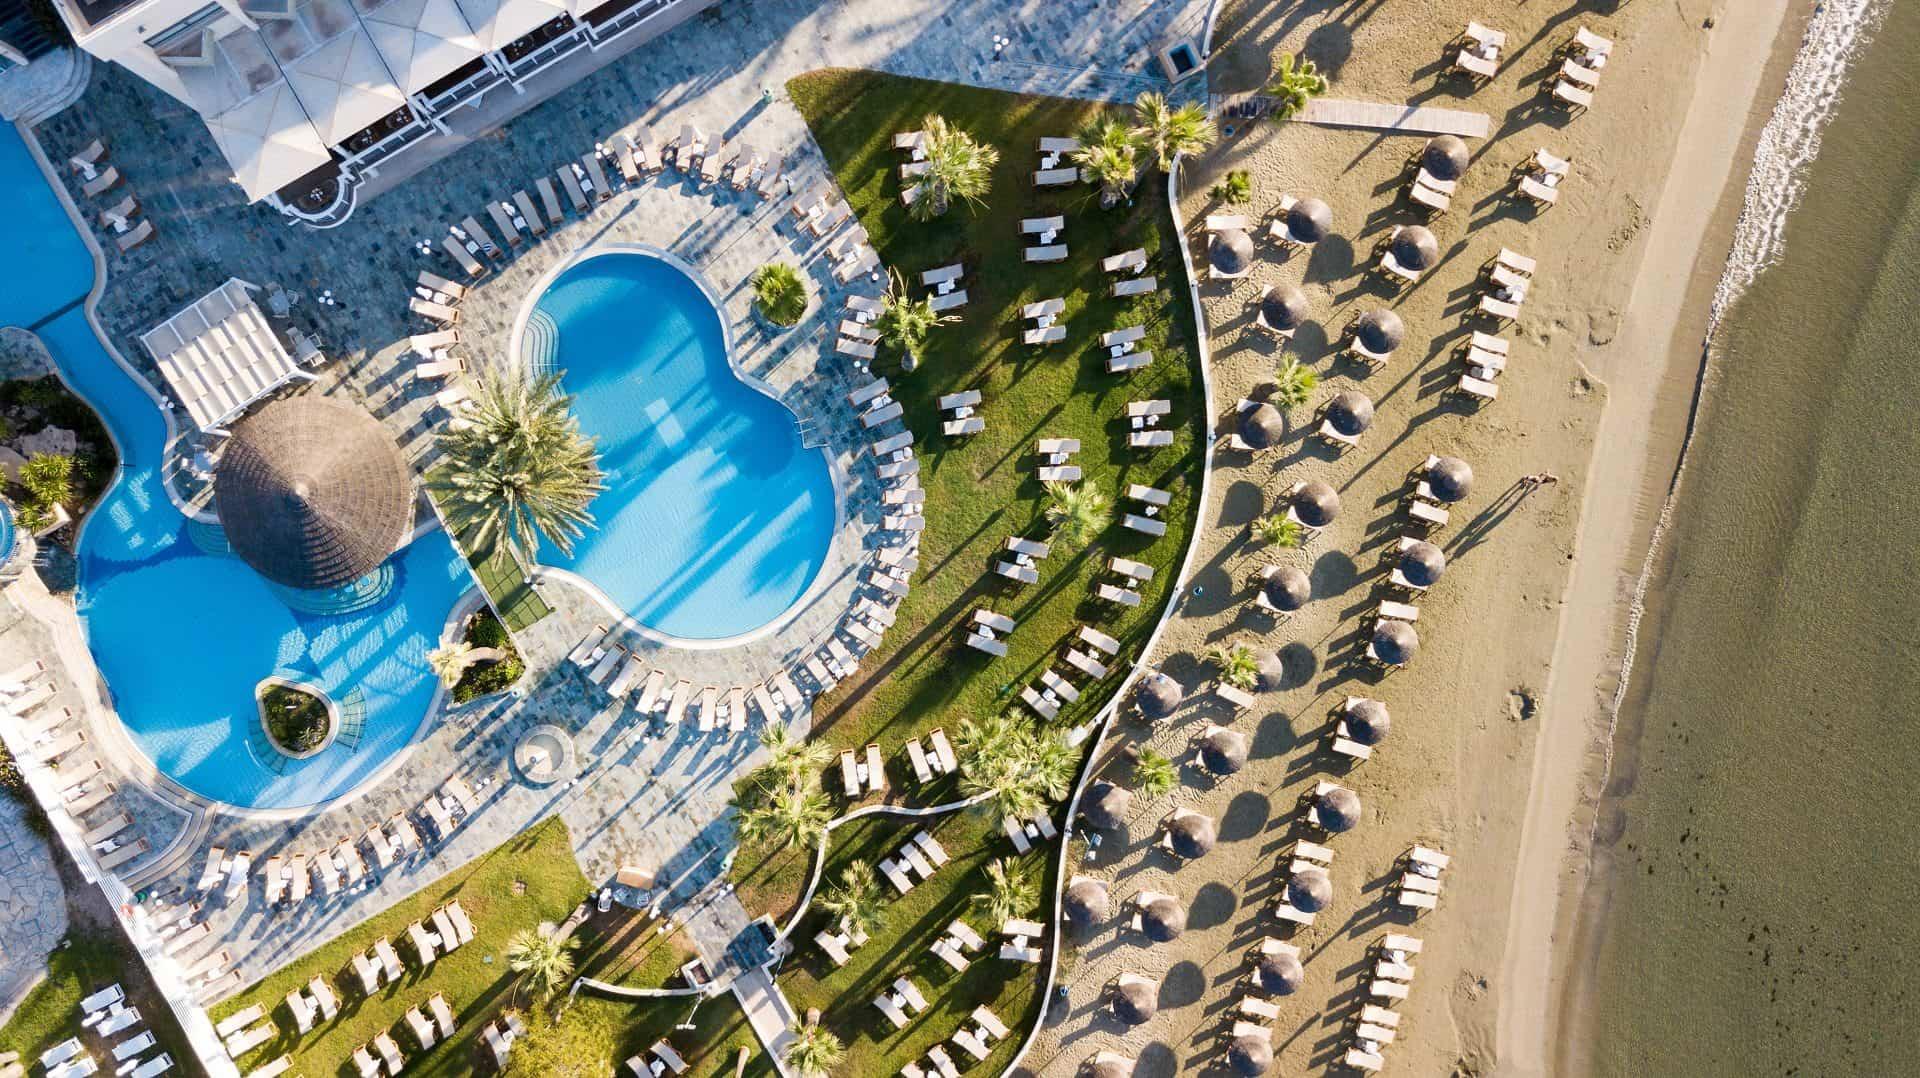 CYPR - LATO 2020: Golden Bay Beach Hotel*****, 8 dni (15-22.08.2020 r.), all inclusive: 4198,00 PLN/os. dorosła